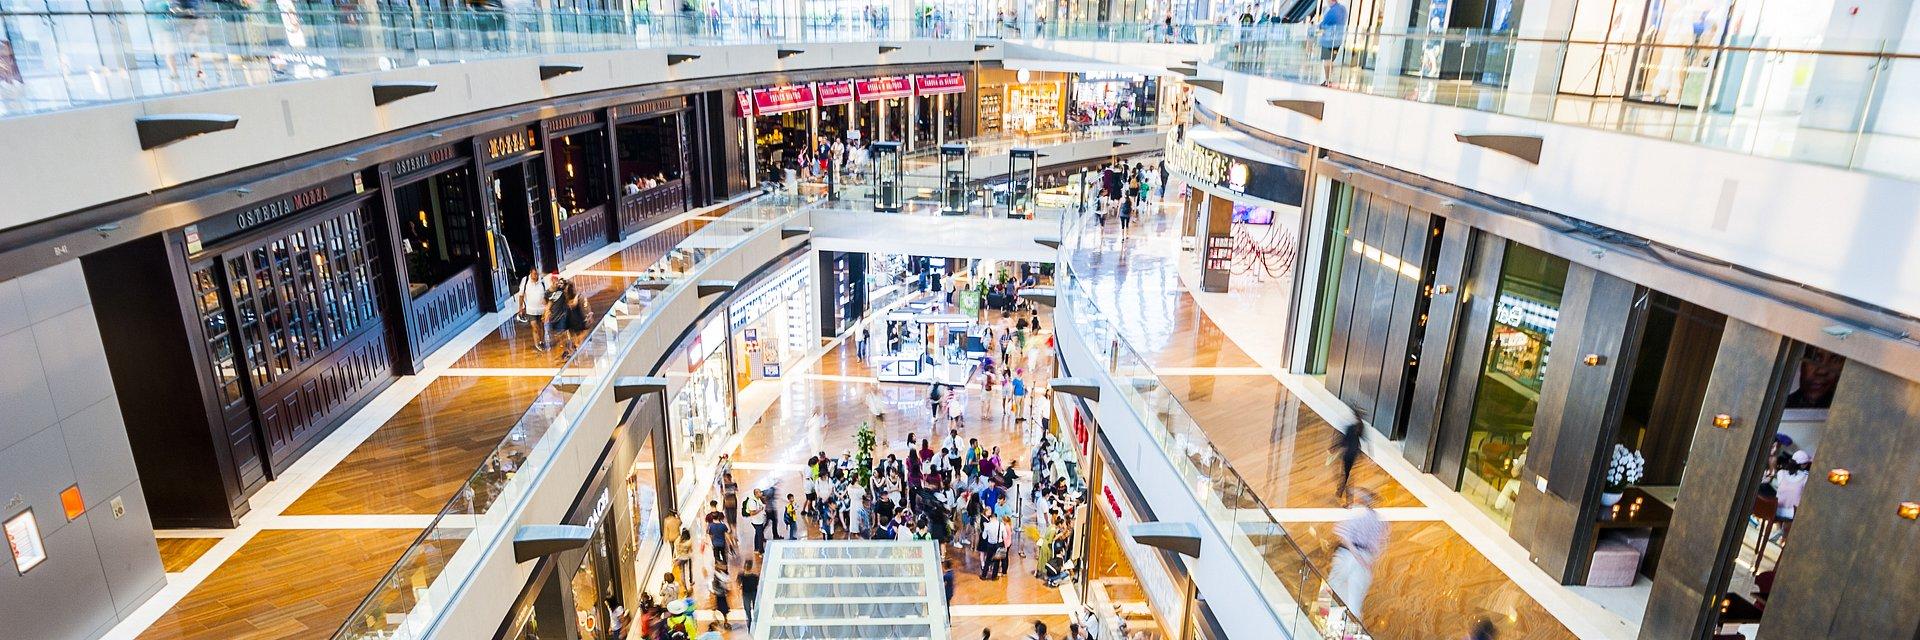 Rynek powierzchni handlowych osiągnął fazę dojrzałości